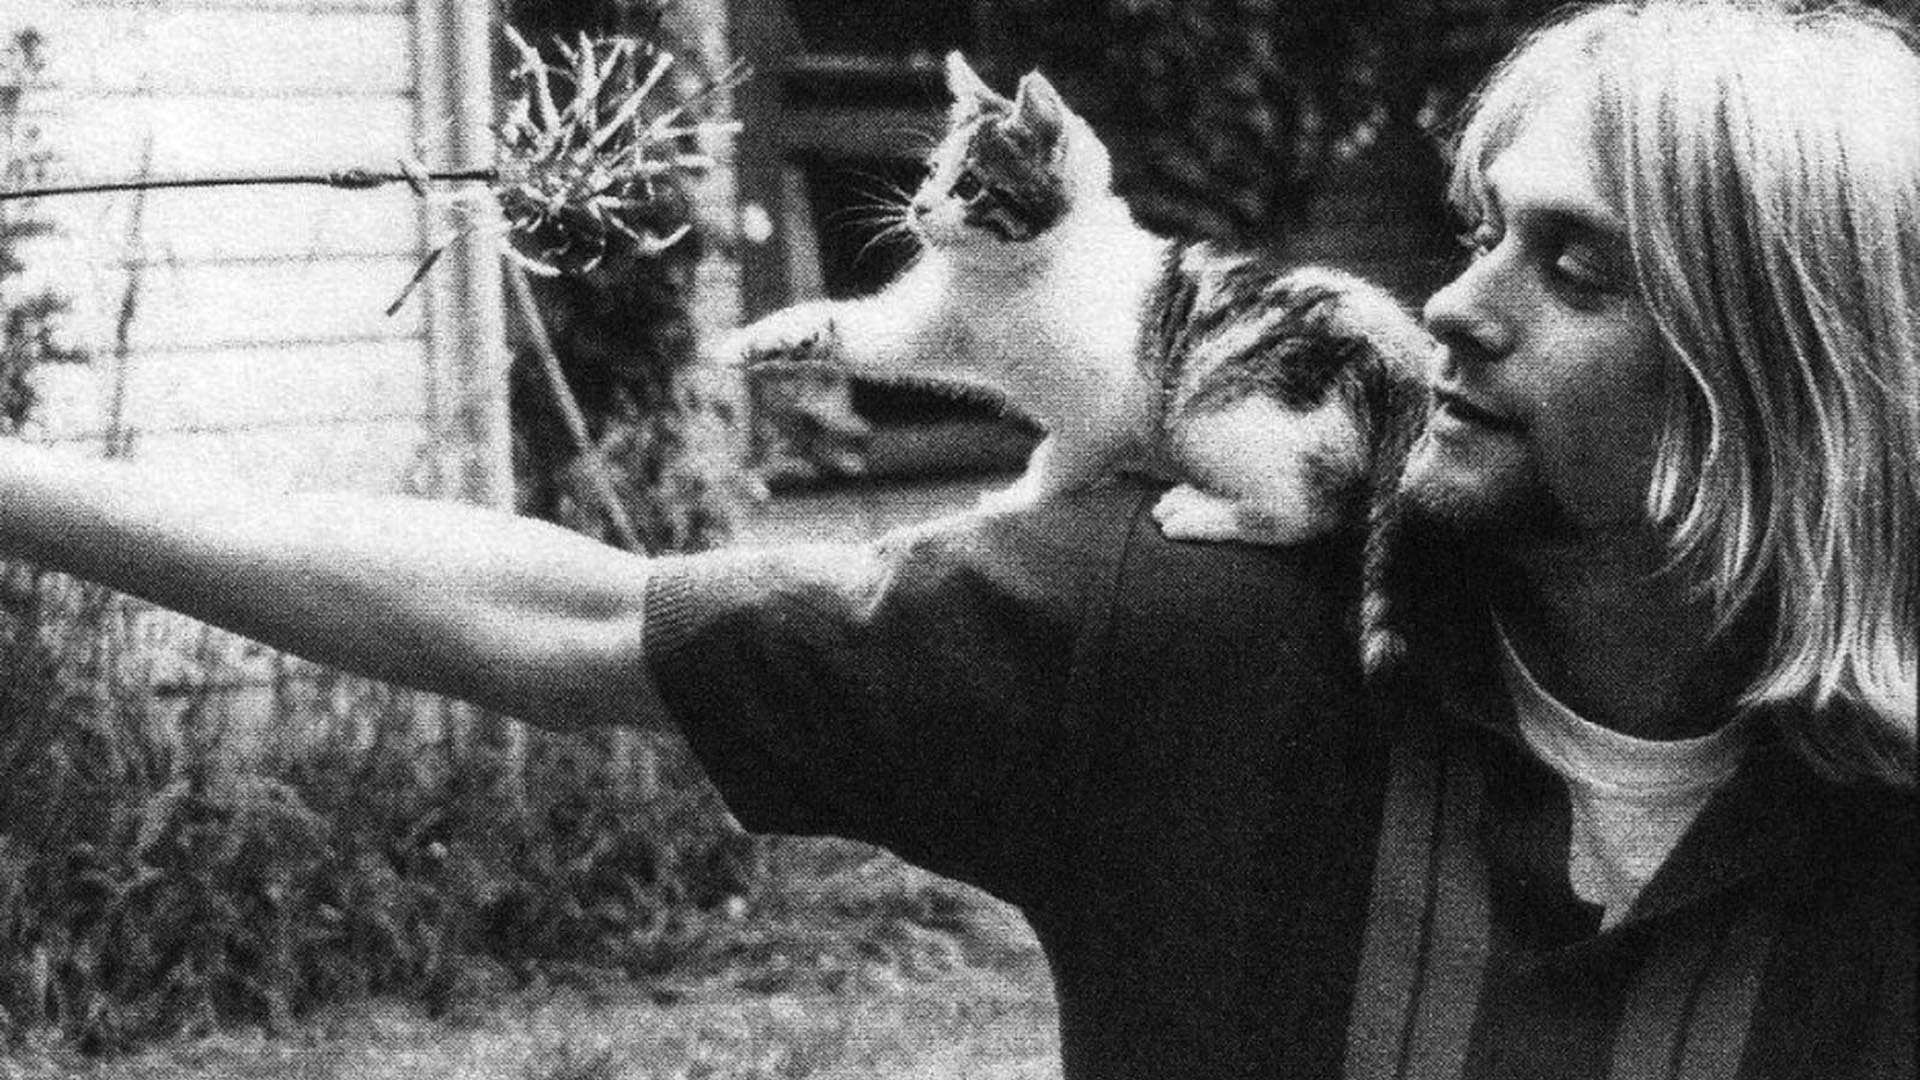 Anuncian nuevo documental sobre Kurt Cobain producido por su hija Frances